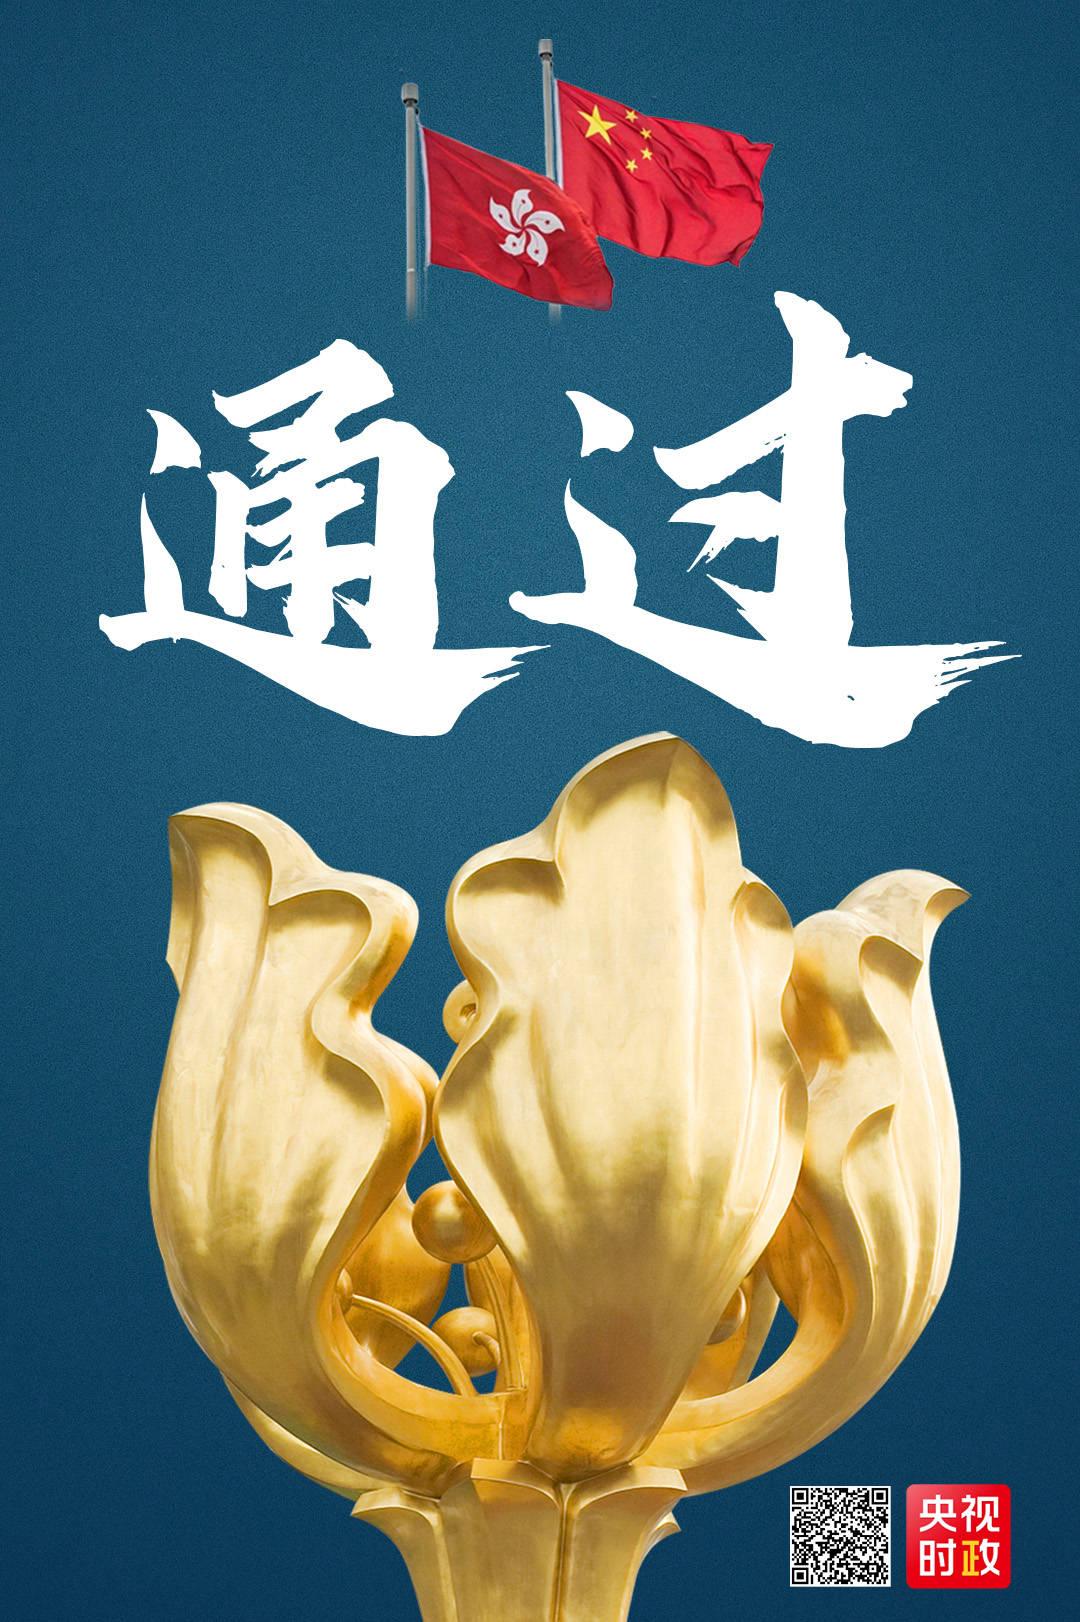 全国人大常委会通过香港特别行政区维护国家安全法并决定列入香港基本法附件三